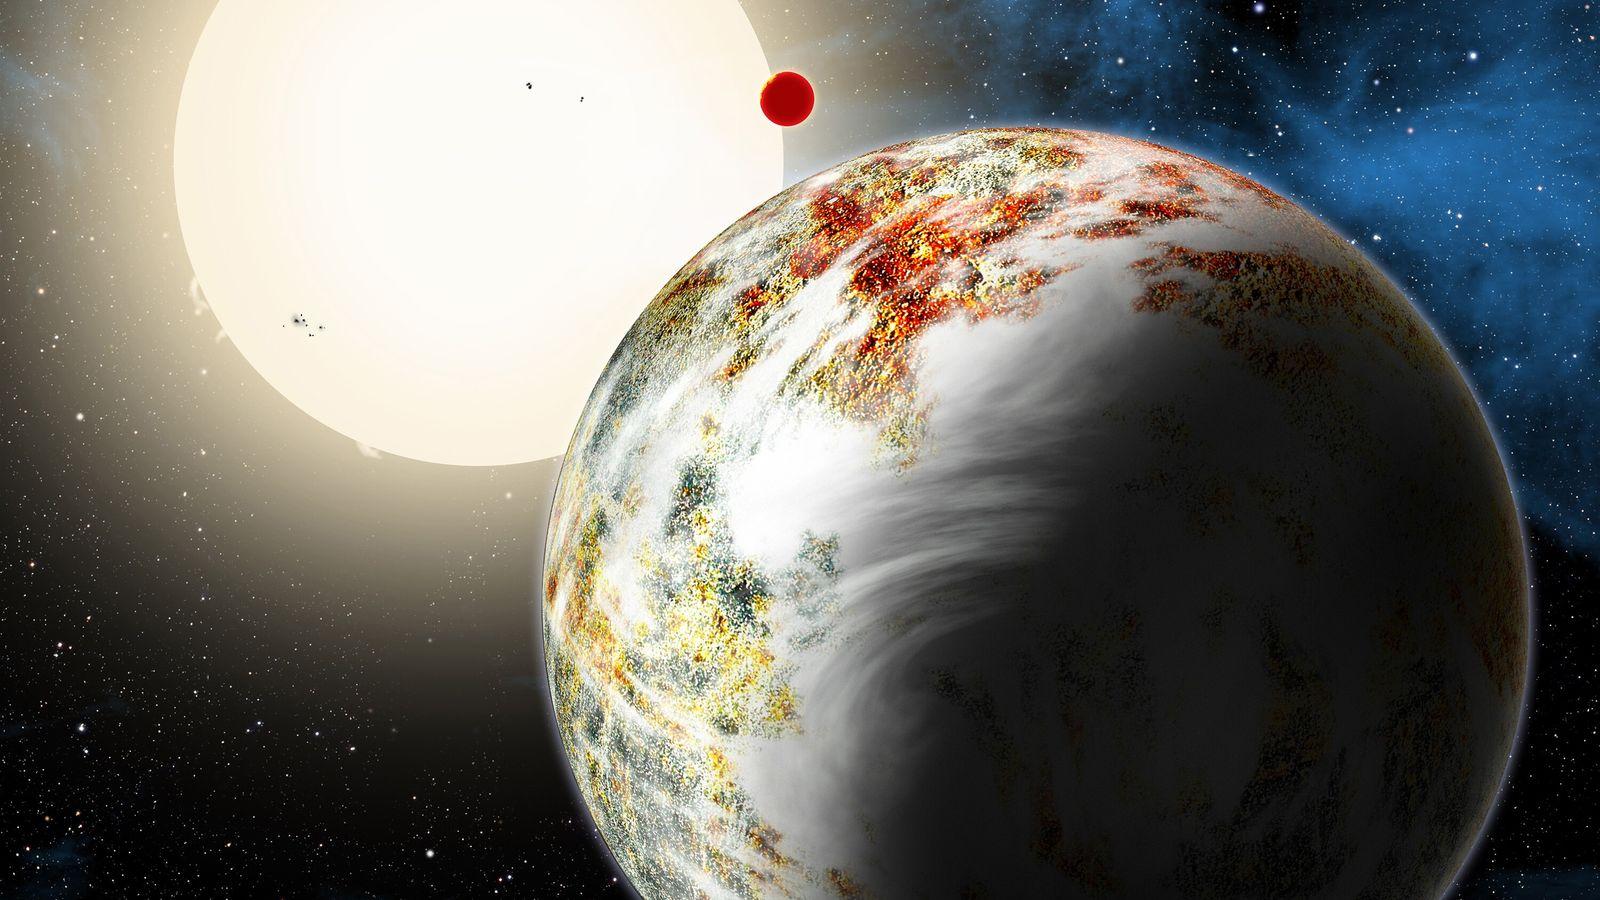 Kepler-10 c, surnommée Godzilla, est une exoplanète confirmée en orbite autour de l'étoile Kepler-10, une naine jaune semblable au Soleil dans la constellation du Dragon.